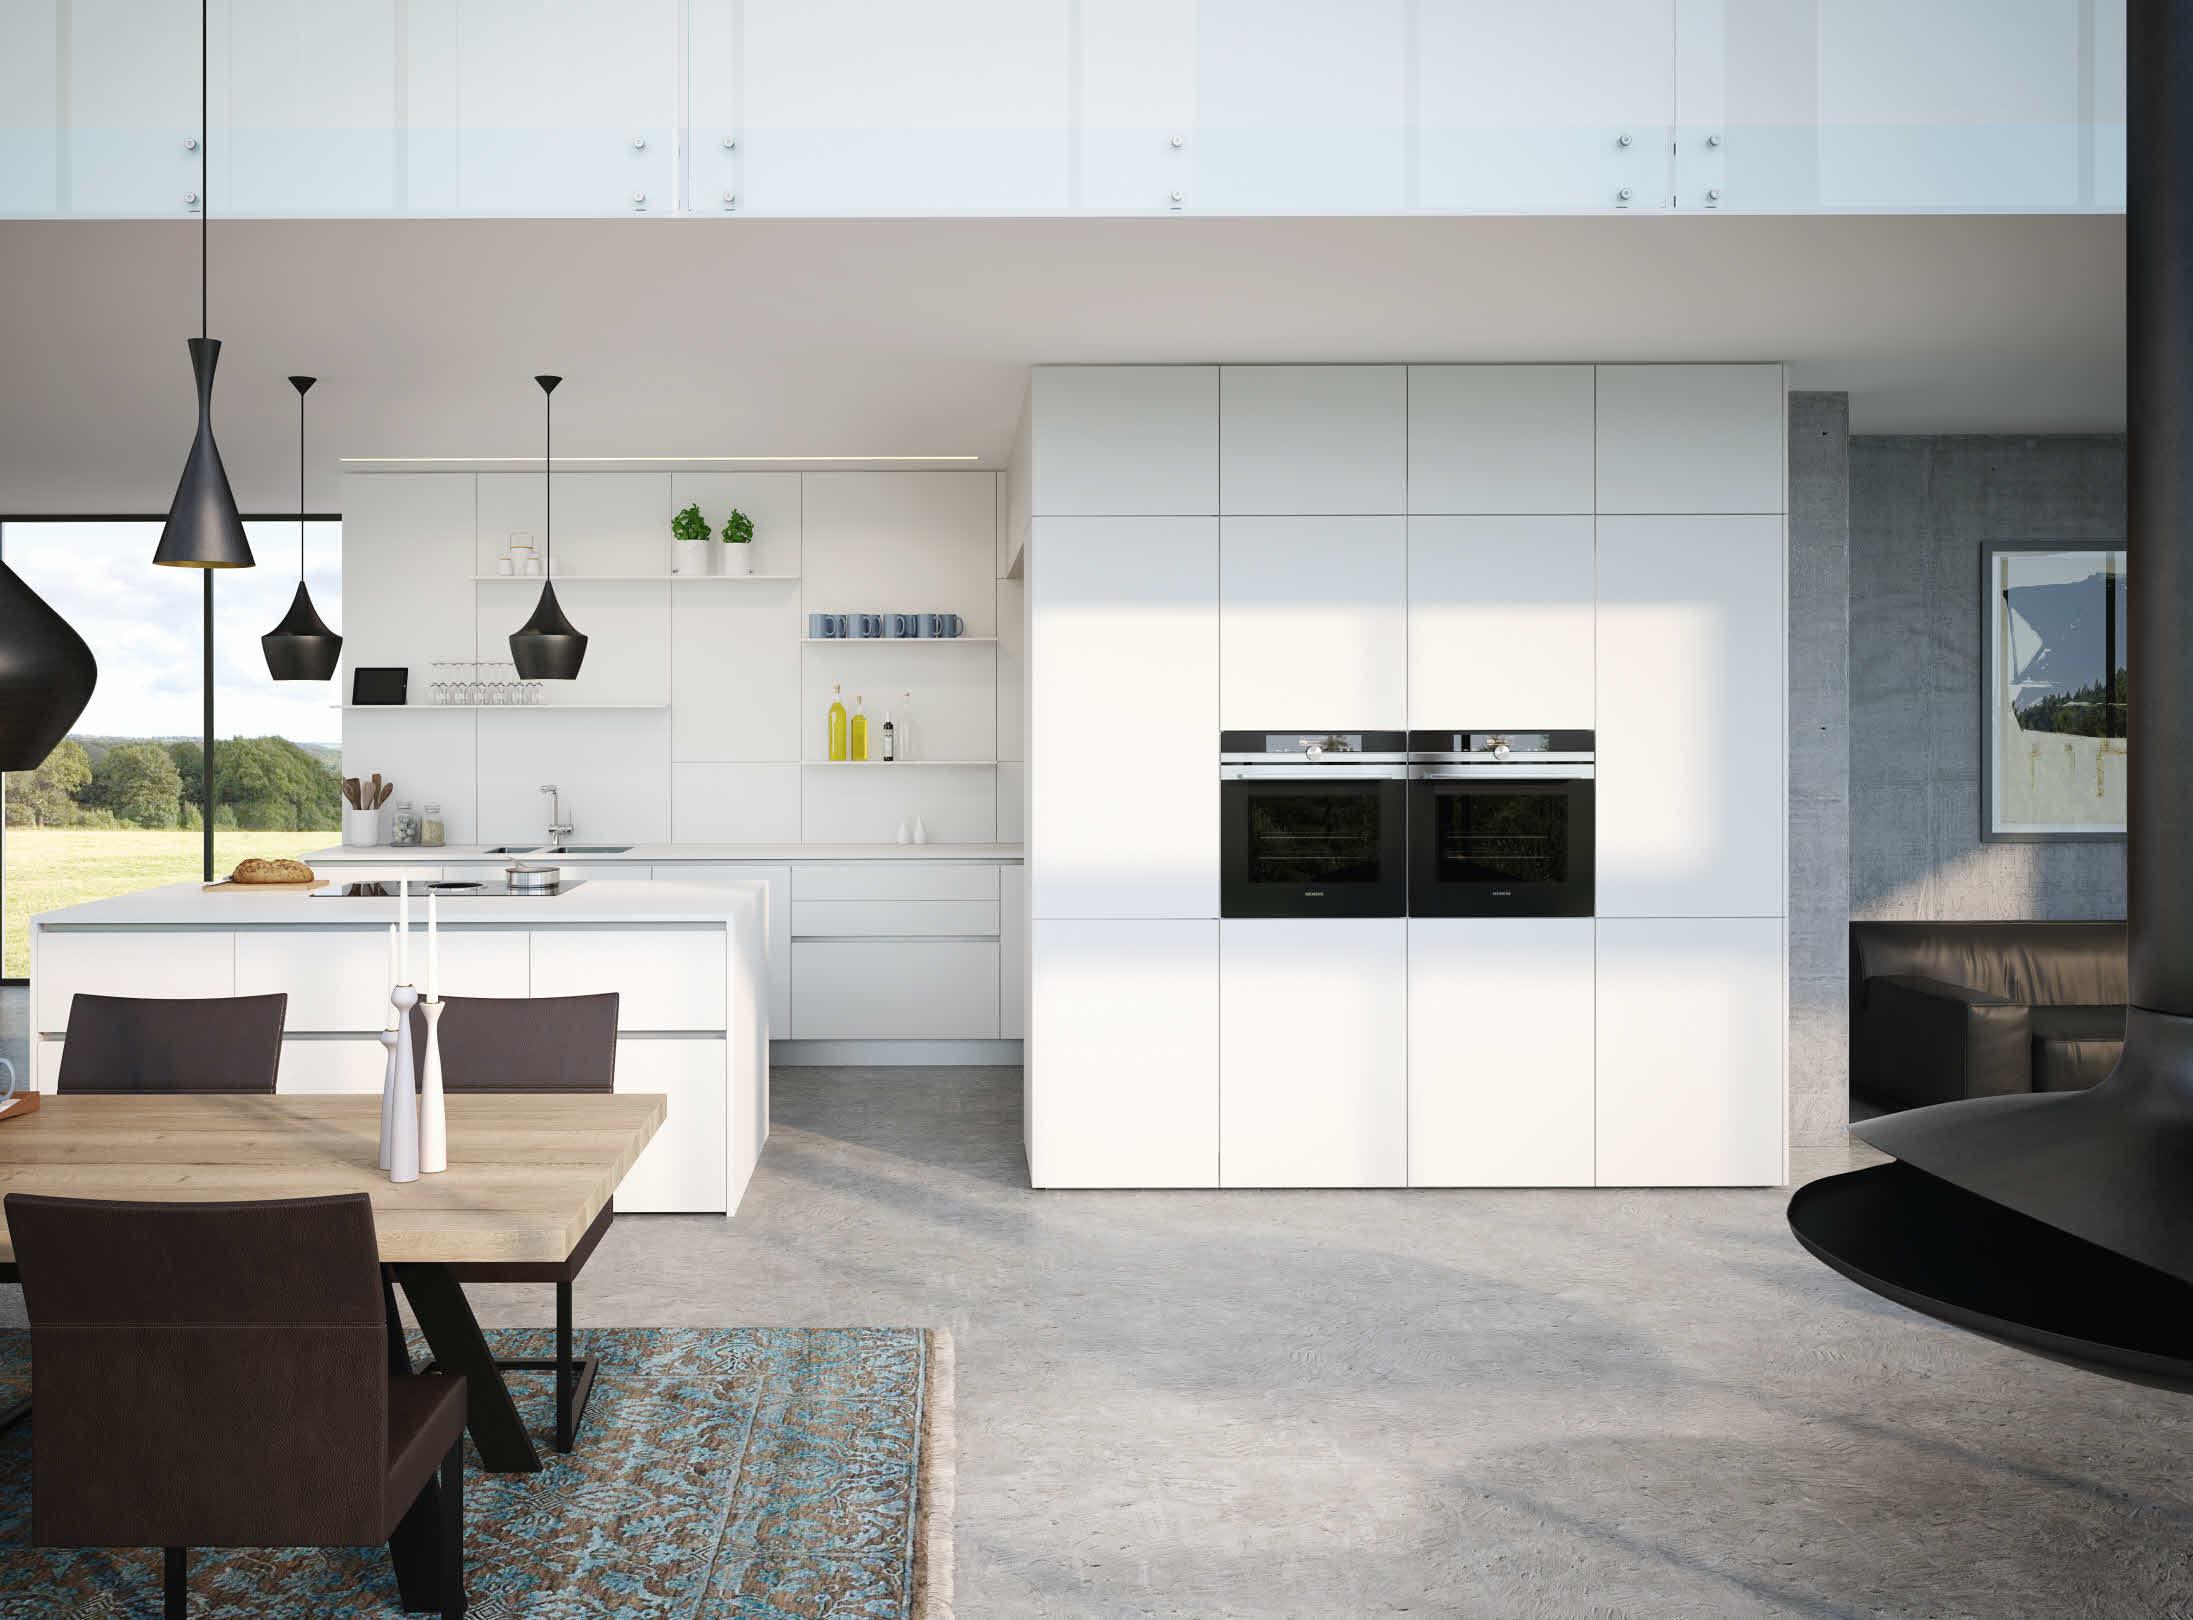 Full Size of Outdoor Küche Planen Küche Planen Und Kaufen Gastronomie Küche Planen Günstige Küche Planen Küche Küche Planen